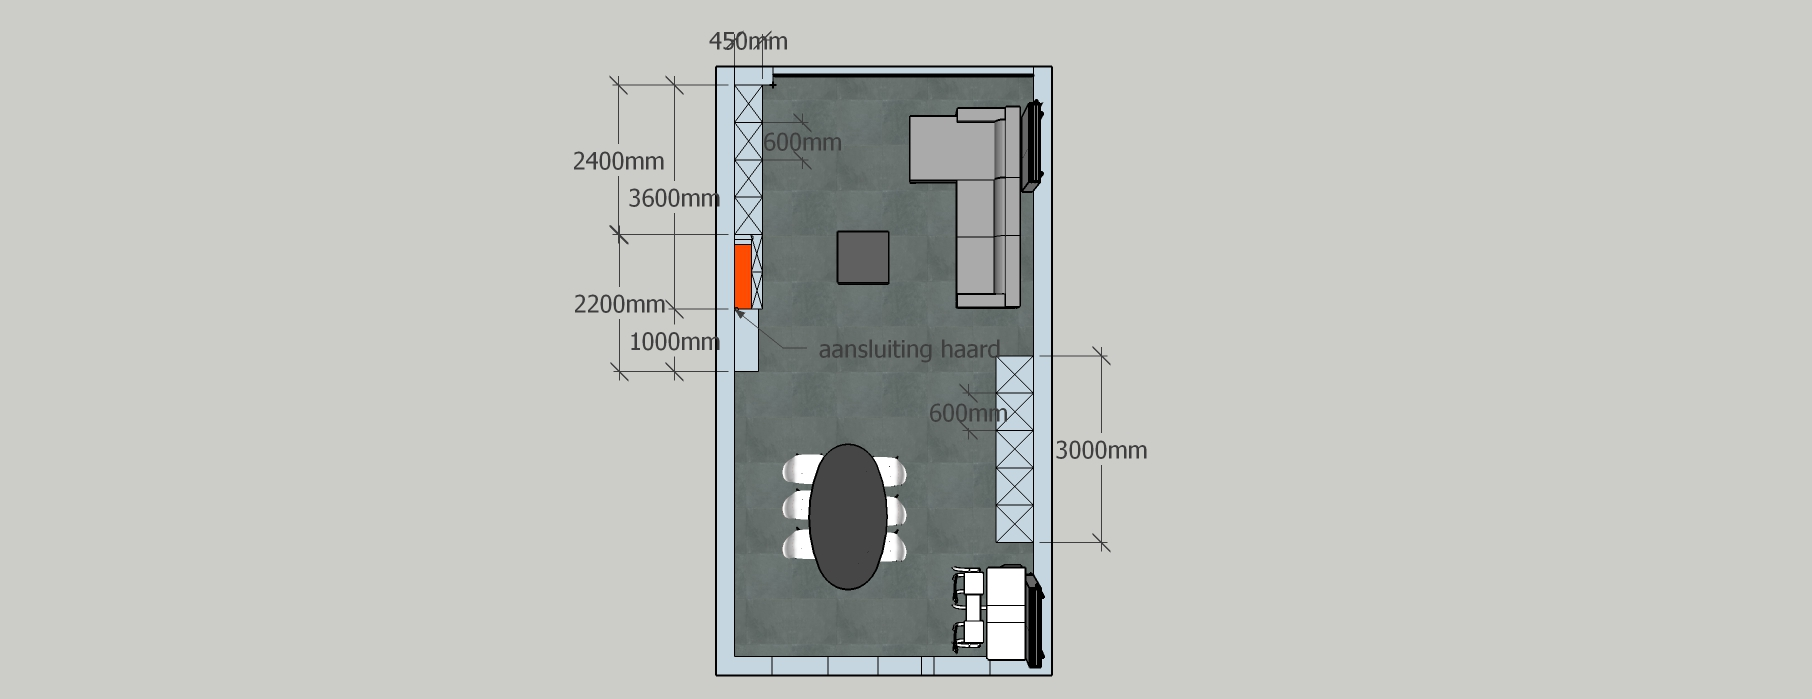 Woonkamer ontwerp 1 -grondplan.jpg